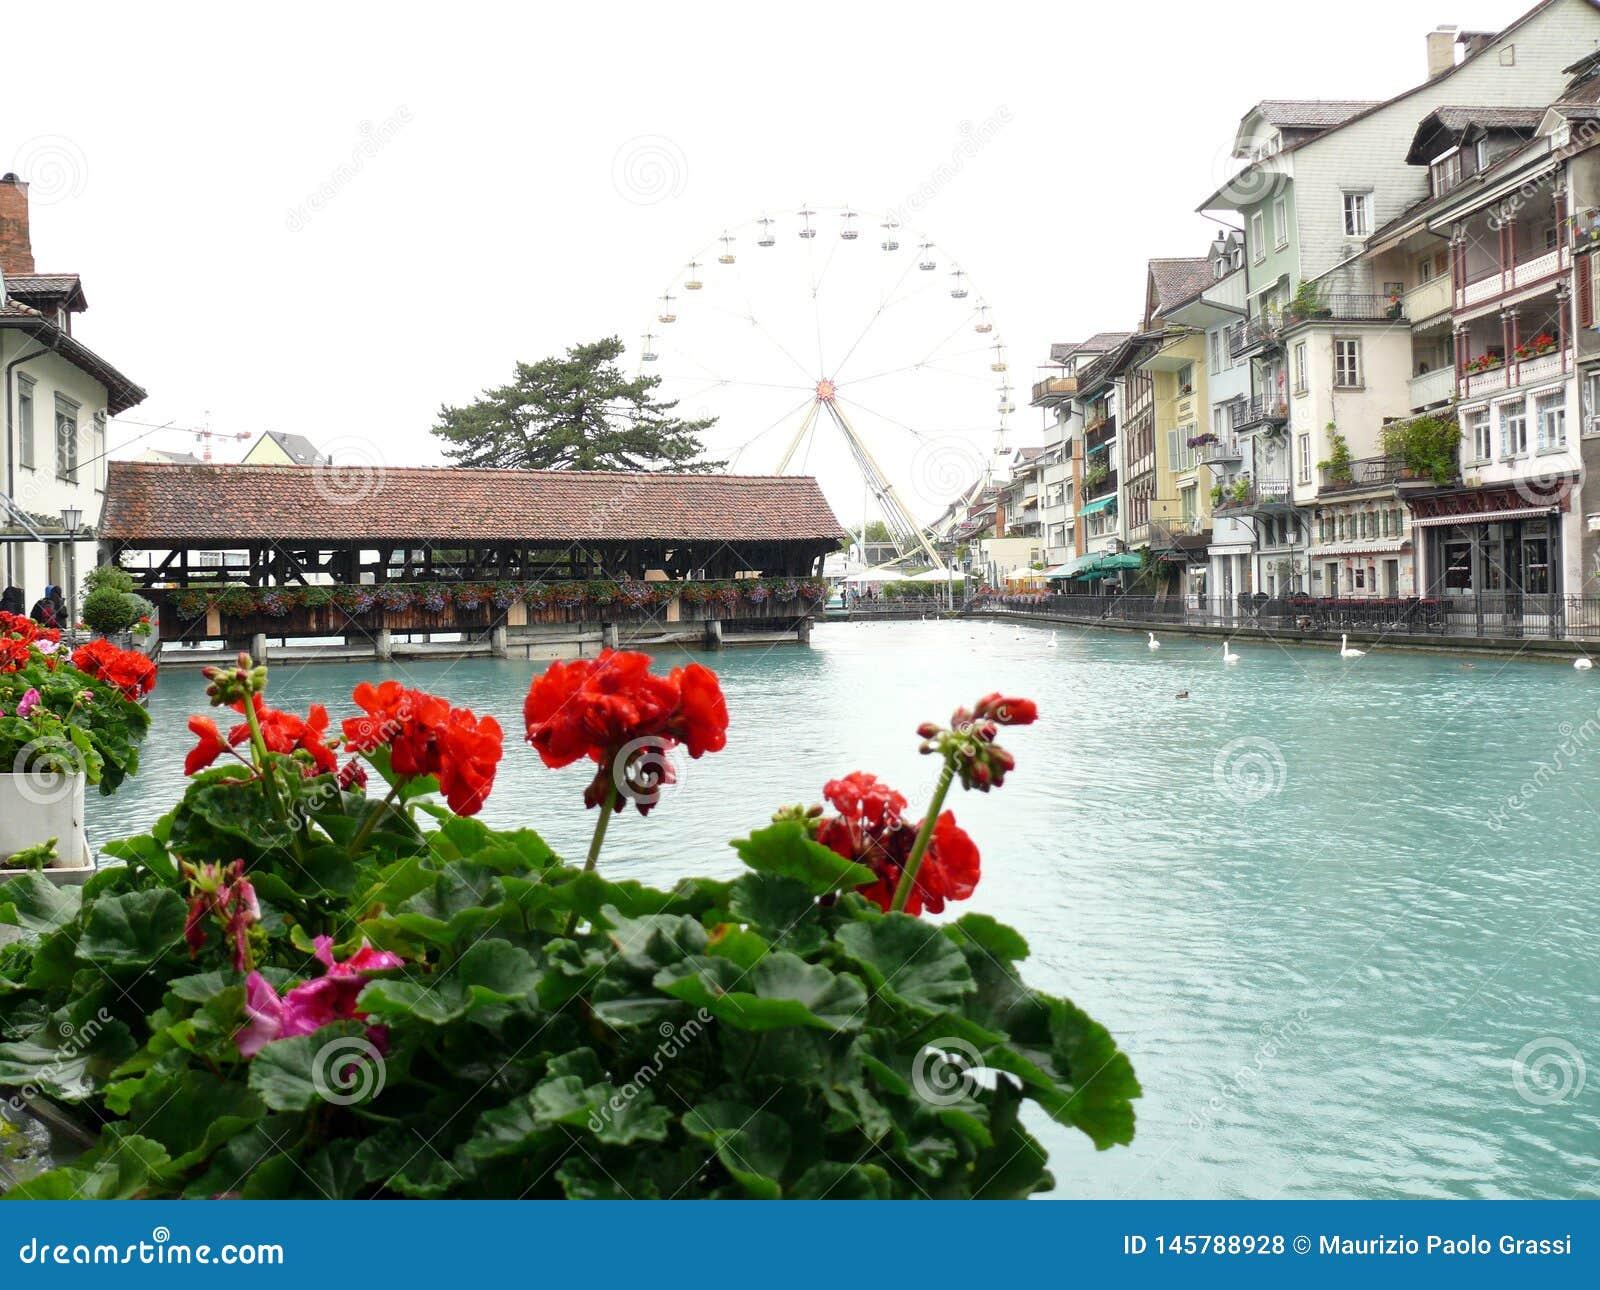 Thun, Switzerland. Portico on the river